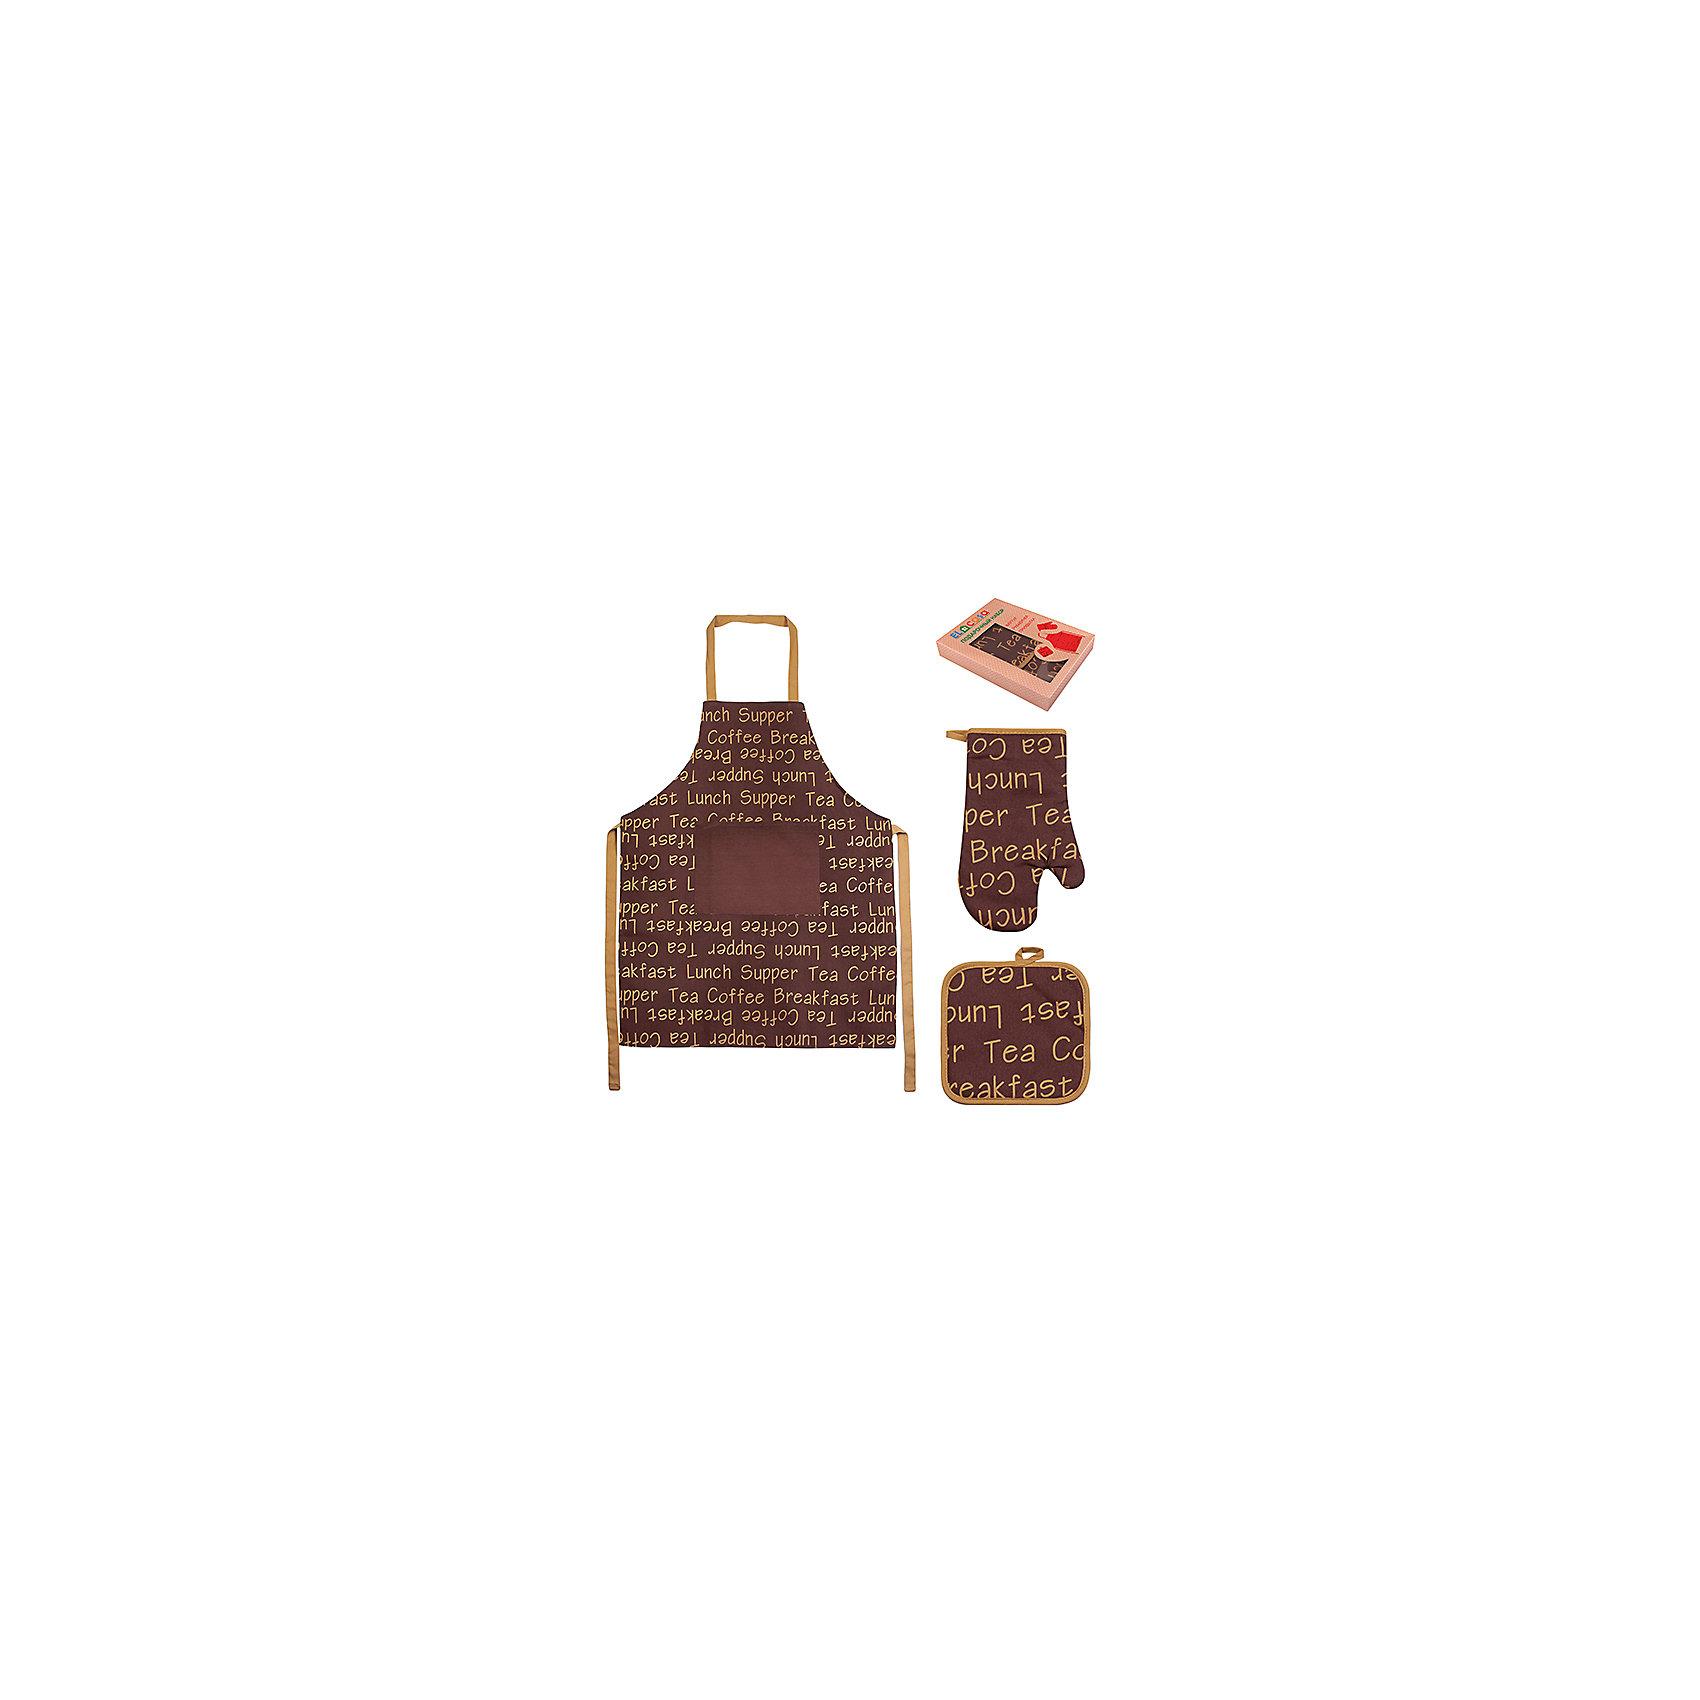 Набор: фартук, прихватка, рукавичка Чай-кофе, EL CasaПосуда<br>Характеристики товара:<br><br>• цвет: мульти<br>• материал: хлопок, полиэстер<br>• размер: фартук 64 х 80 см, прихватка 20 х 20 см, рукавичка 19 х 30 см<br>• вес: 400 г<br>• декорирован принтом<br>• комплектация: 3 предмета<br>• удобный<br>• упаковка: подарочная коробка<br>• легкий<br>• универсальный размер<br>• страна бренда: Российская Федерация<br>• страна производства: Китай<br><br>Подарочный набор для кухни - отличный пример красивой и функциональной вещи. В нем удобно готовить, благодаря универсальному дизайну и расцветке он подойдет и женщинам, и мужчинам.<br><br>Этот набор может стать отличным приобретением для дома или подарком для любителей красивых оригинальных вещей.<br><br>Бренд EL Casa - это красивые и практичные товары для дома с современным дизайном. Они добавляют в жильё уюта и комфорта! <br><br>Набор: фартук, прихватка, рукавичка Чай-кофе, EL Casa можно купить в нашем интернет-магазине.<br><br>Ширина мм: 230<br>Глубина мм: 45<br>Высота мм: 300<br>Вес г: 415<br>Возраст от месяцев: 0<br>Возраст до месяцев: 1188<br>Пол: Унисекс<br>Возраст: Детский<br>SKU: 6668805